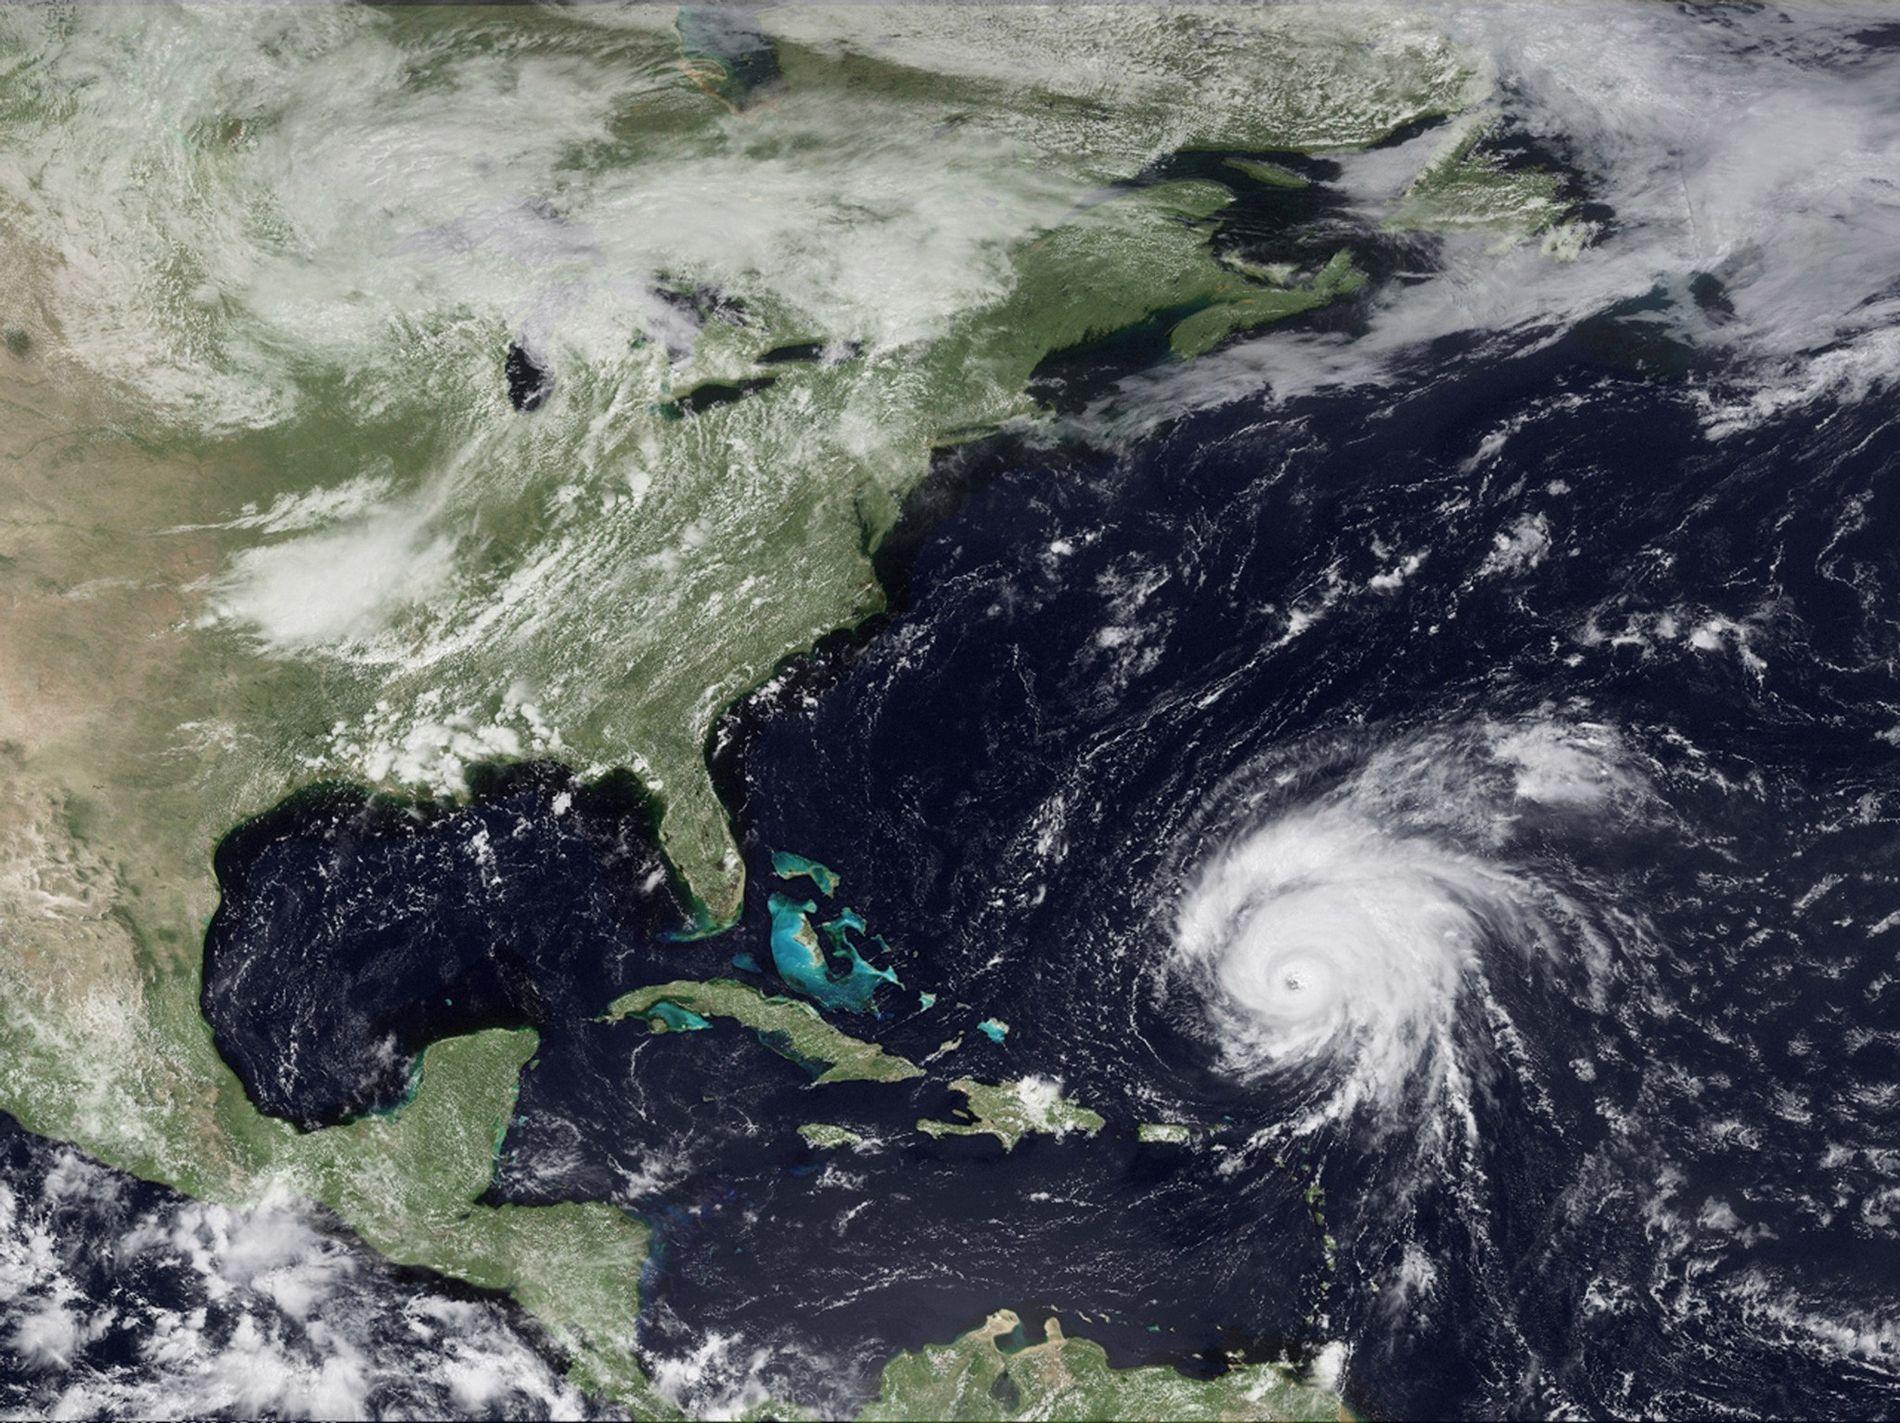 Para que se produzcan estos fenómenos, tormentas gigantes deben agitar un área con la configuración geológica adecuada. Por ejemplo, el Huracán Bill, que aquí podemos ver en una imagen satelital del 2009, desató este tipo de fenómenos al pasar por Georges Bank, en la costa de Nueva Inglaterra (Estados Unidos).